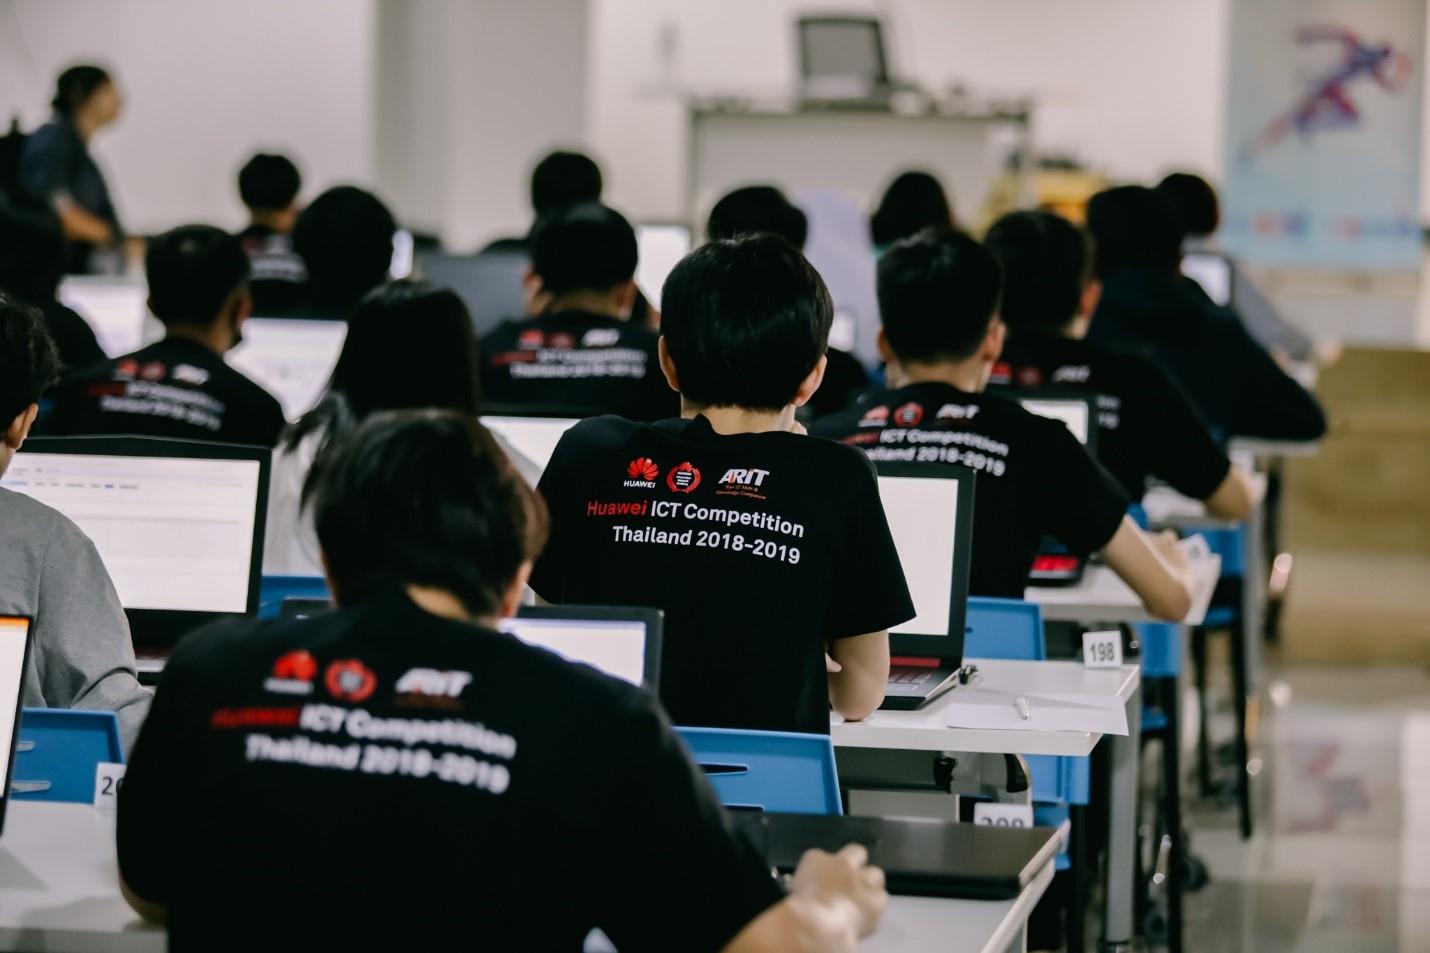 Huawei ยืนหยัดเคียงข้างการพัฒนาด้านดิจิทัลของไทย